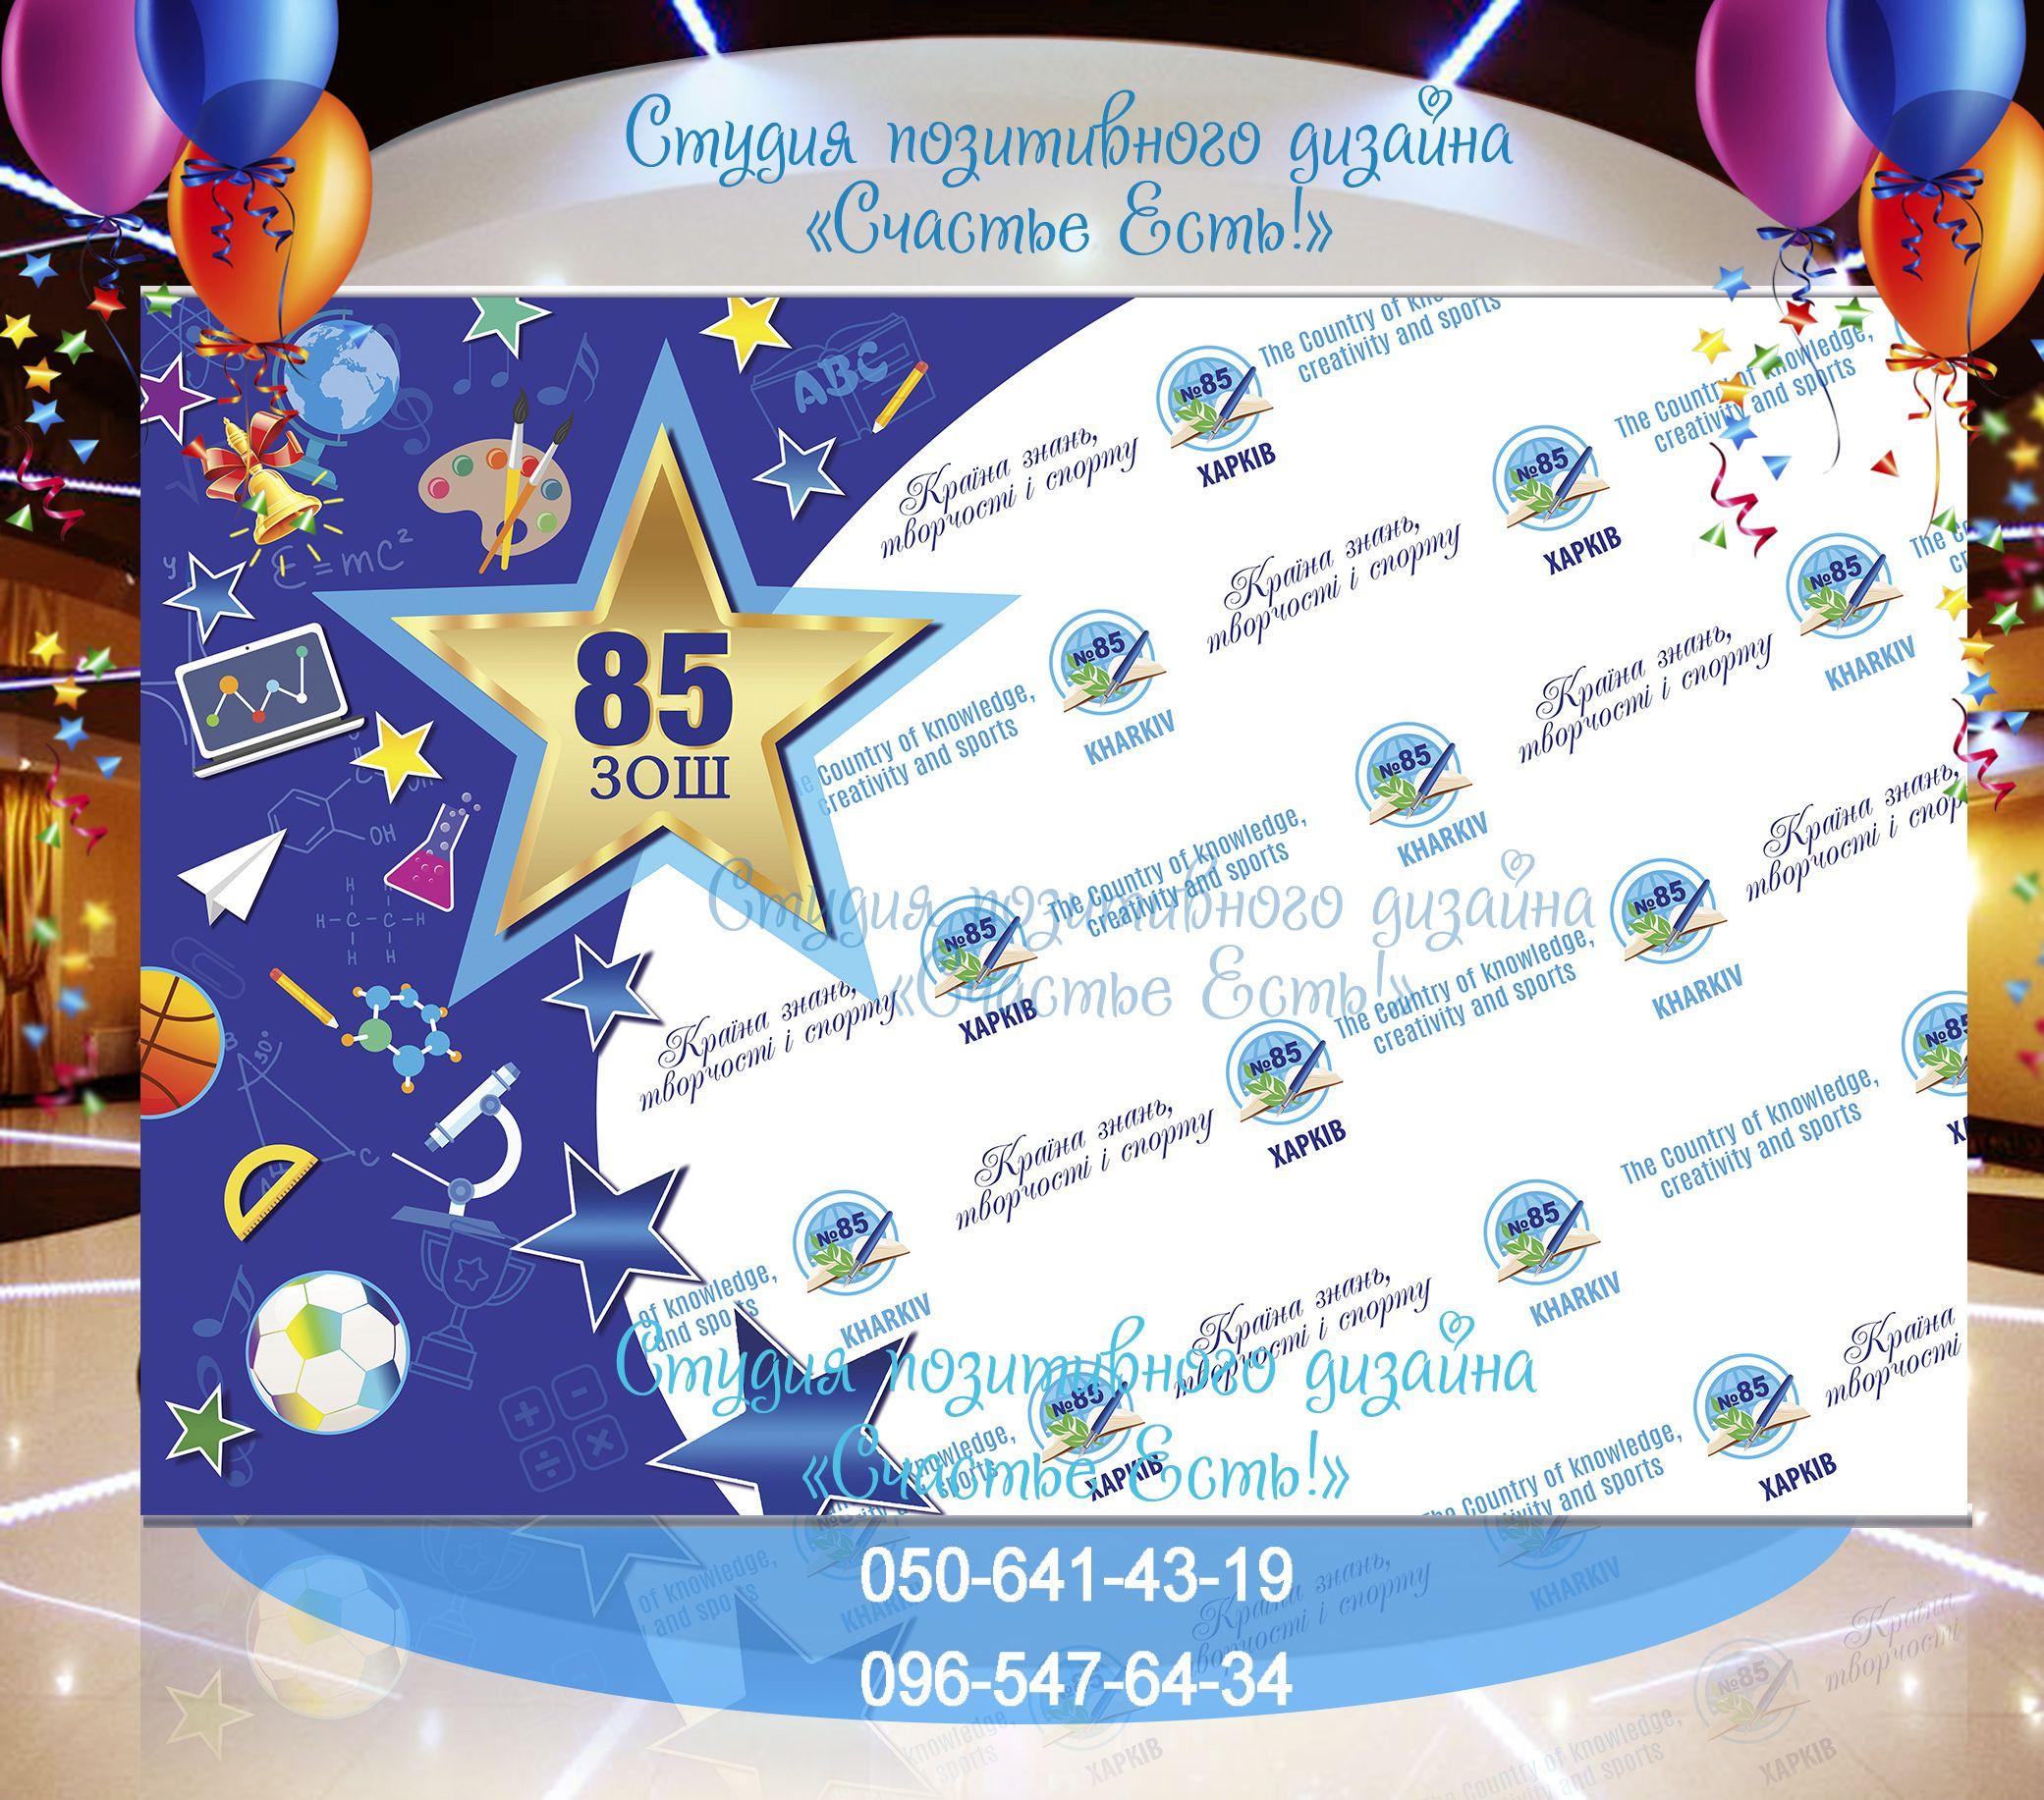 Shkolnyj Banner Press Voll Dlya Meropriyatij 1 Sentyabrya